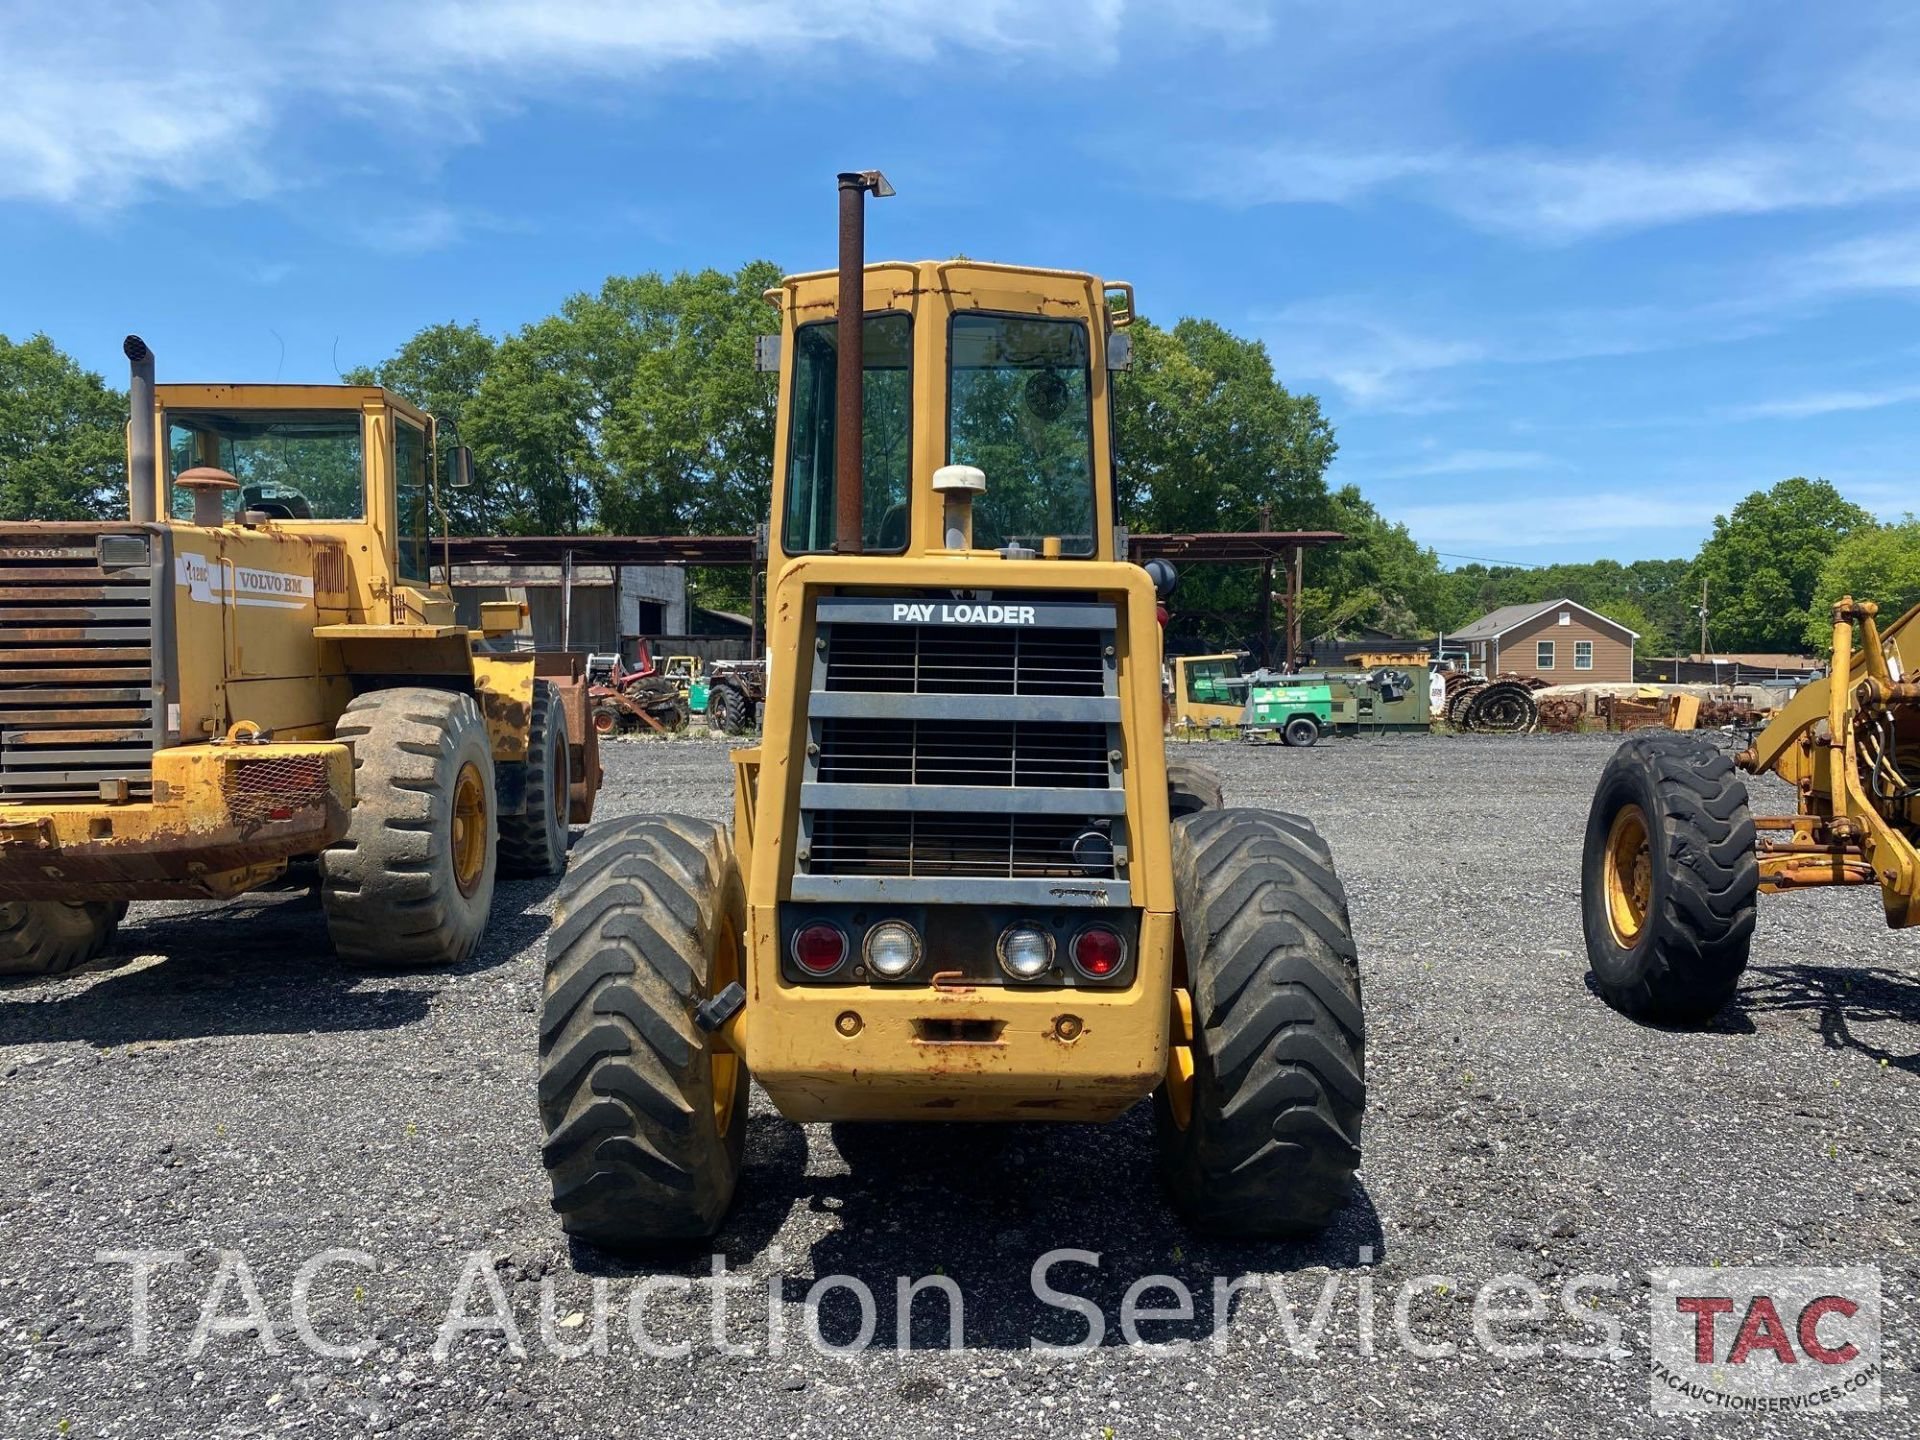 International Harvester 510B Loader - Image 6 of 31